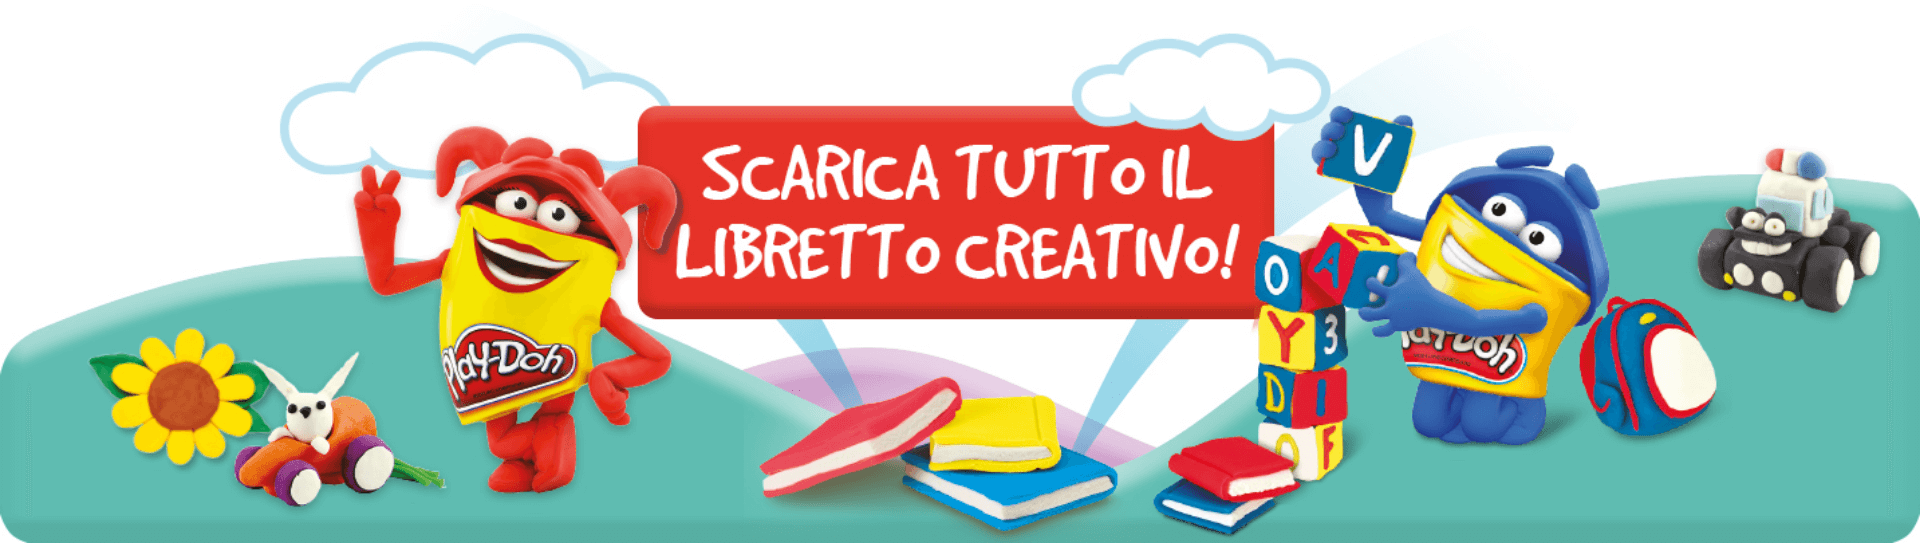 Scarica-il-libretto-creativo BSA